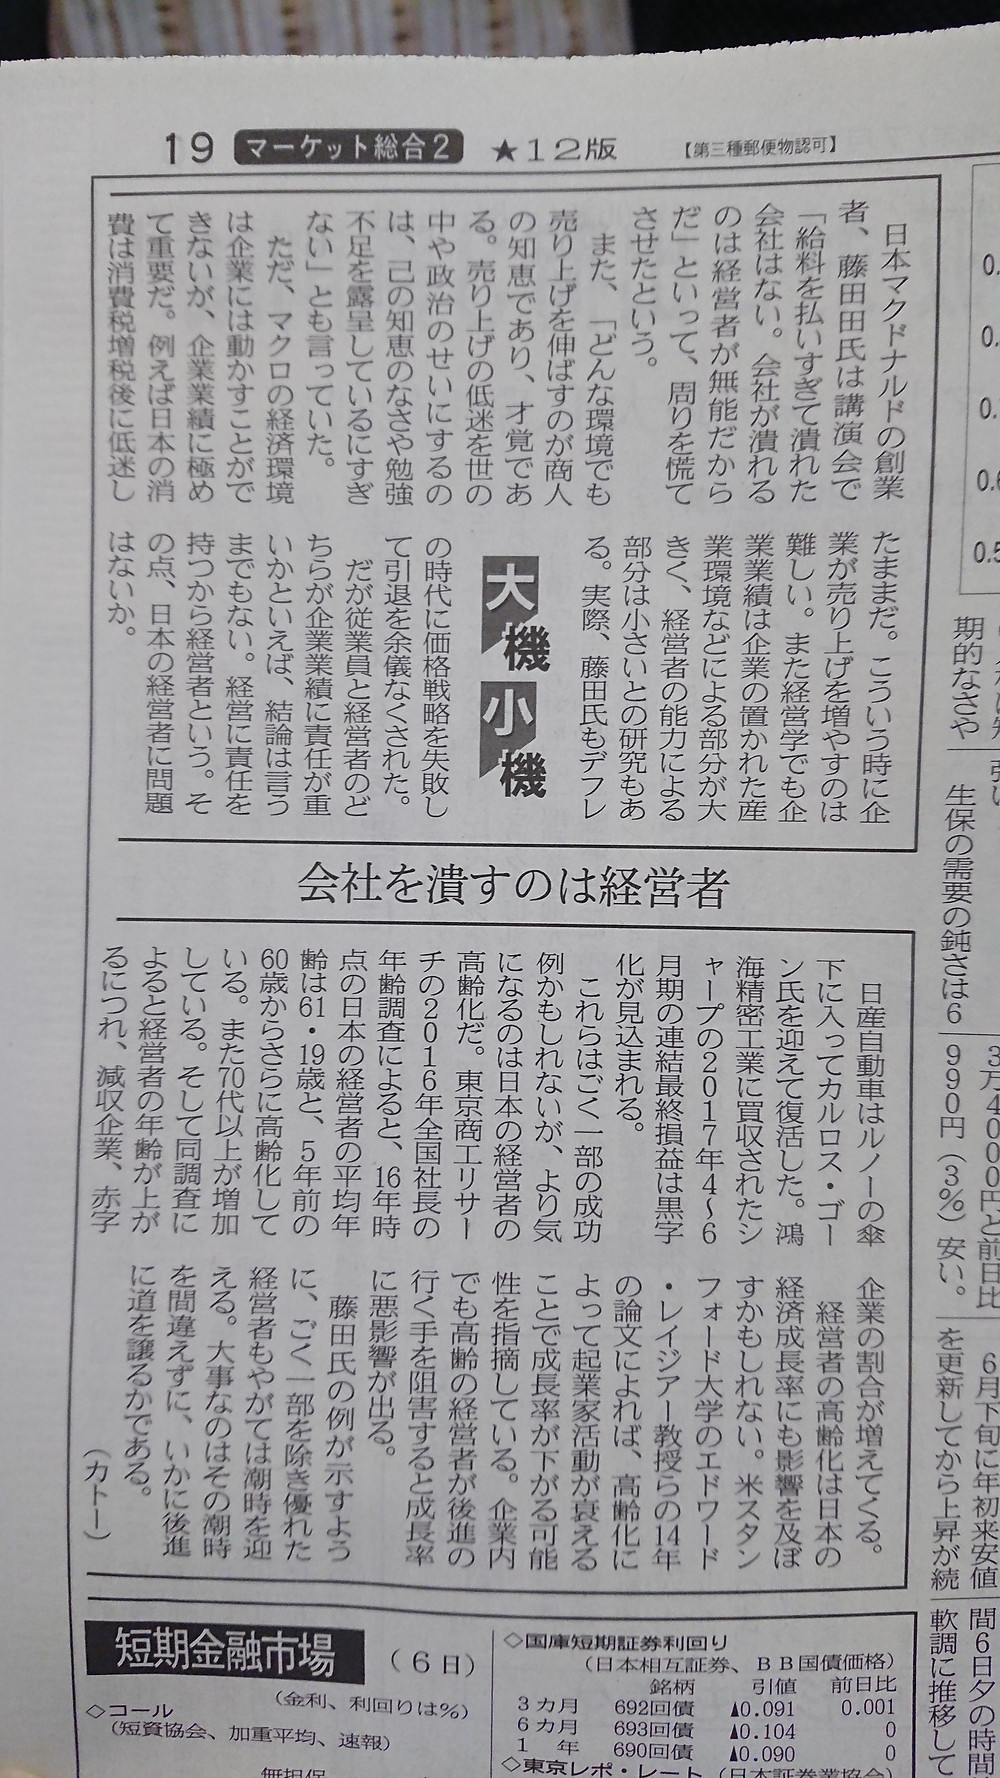 平成29年7月7日 日経新聞 朝刊